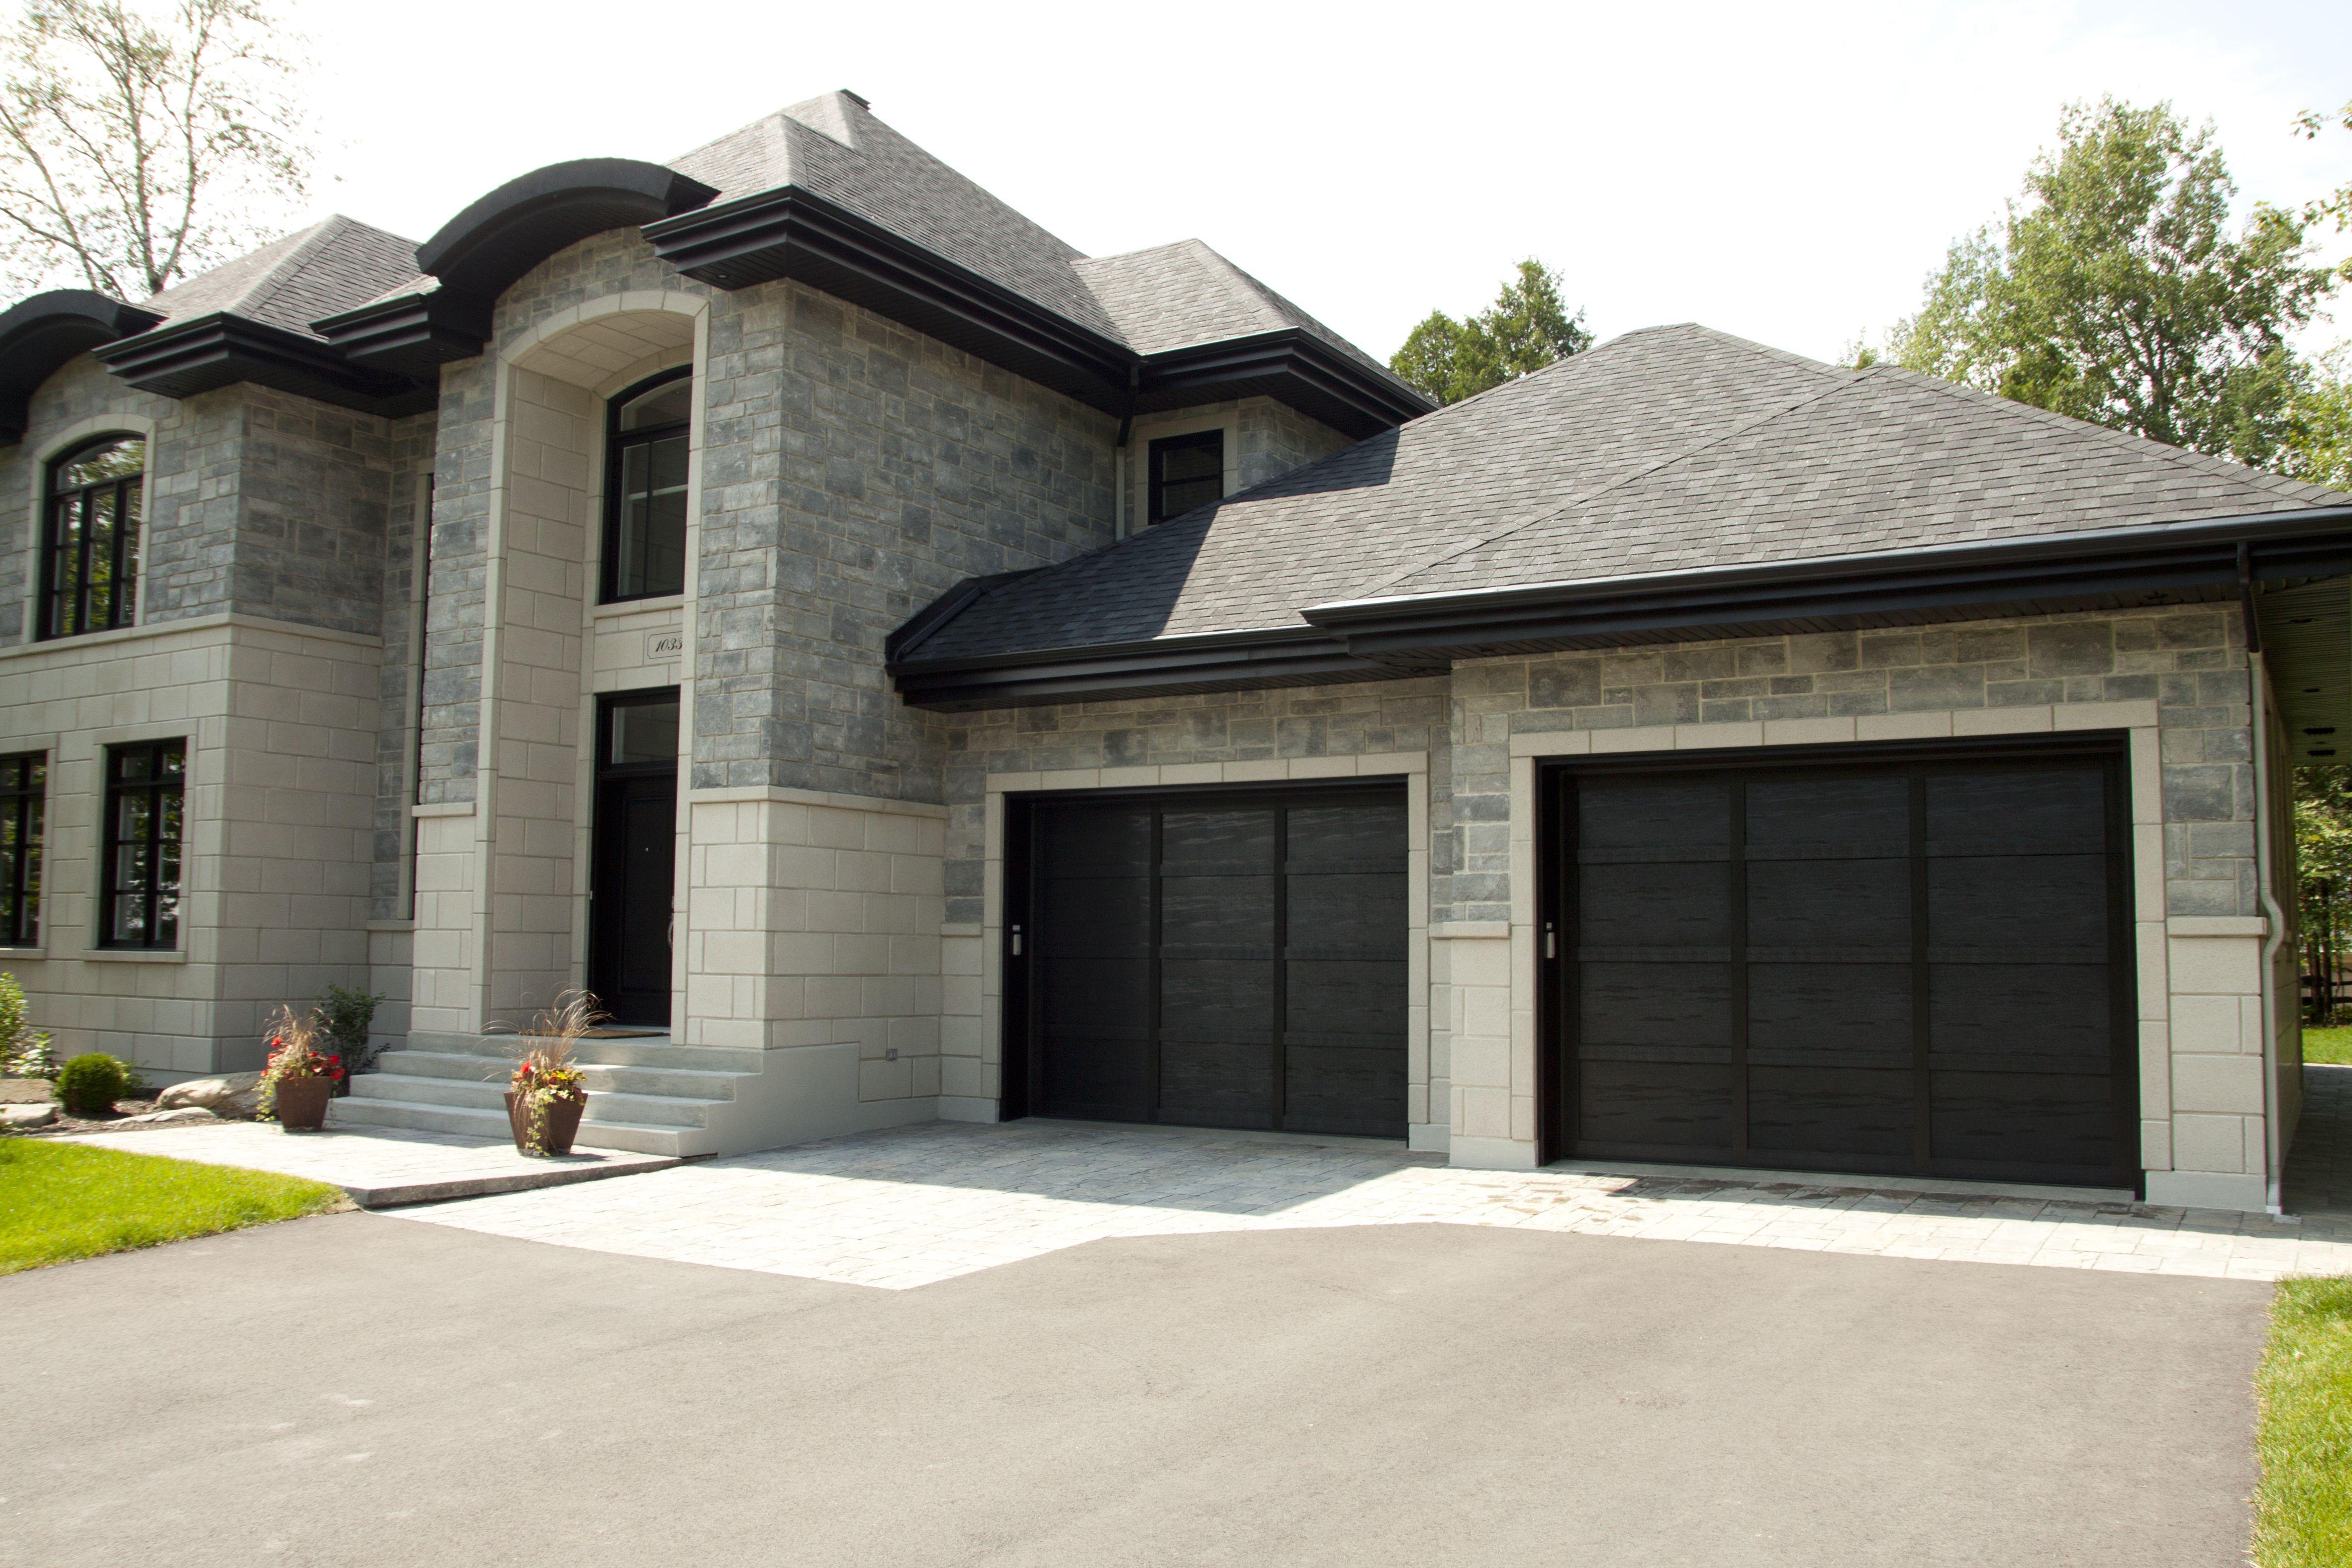 Garage Door Model Cambridge With Overlays Black Get A Free Quote